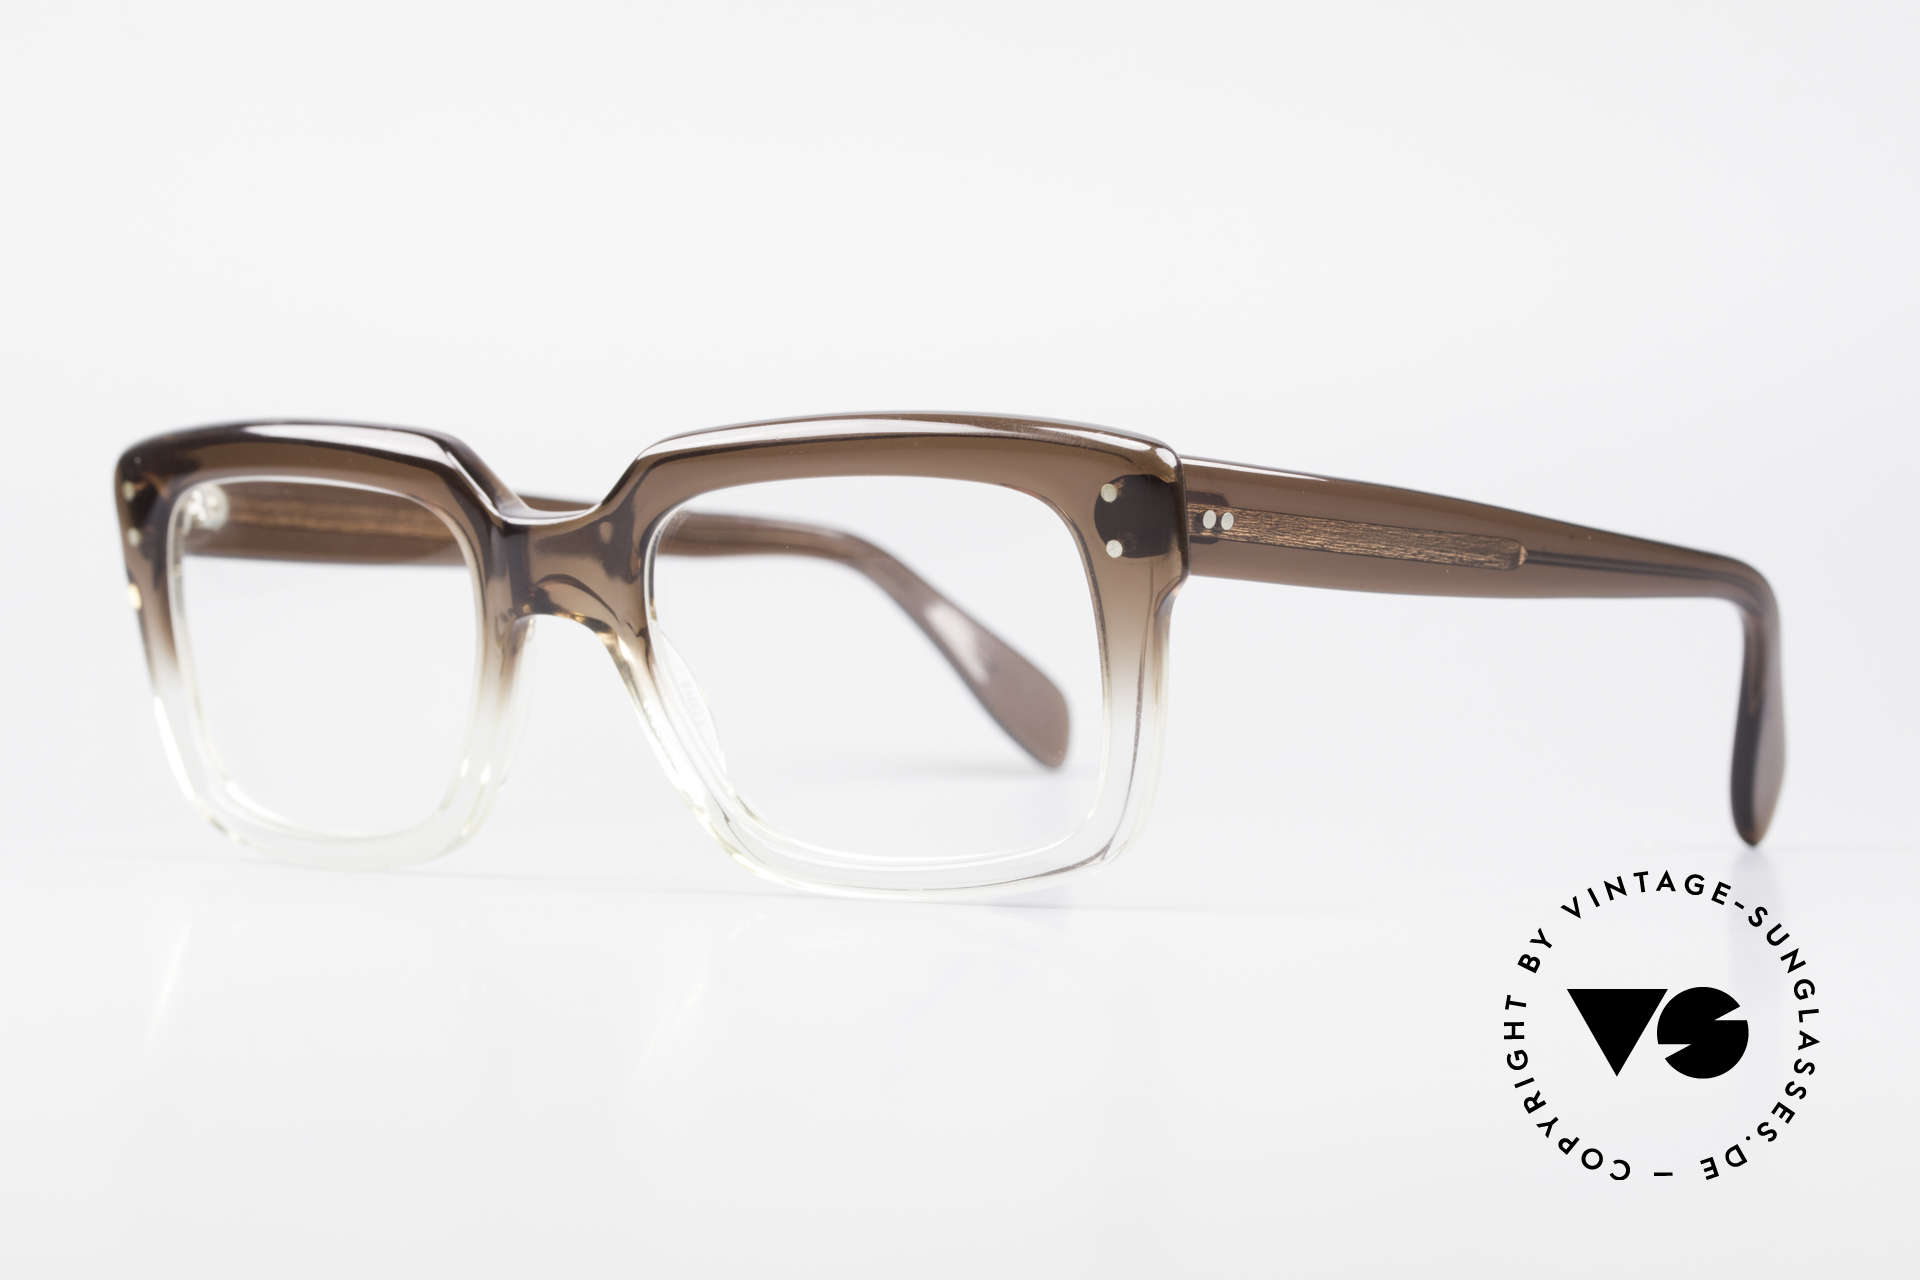 Metzler 450 80er Jahre Old School Brille, heutzutage als 'OLD SCHOOL' Brille bezeichnet, Passend für Herren